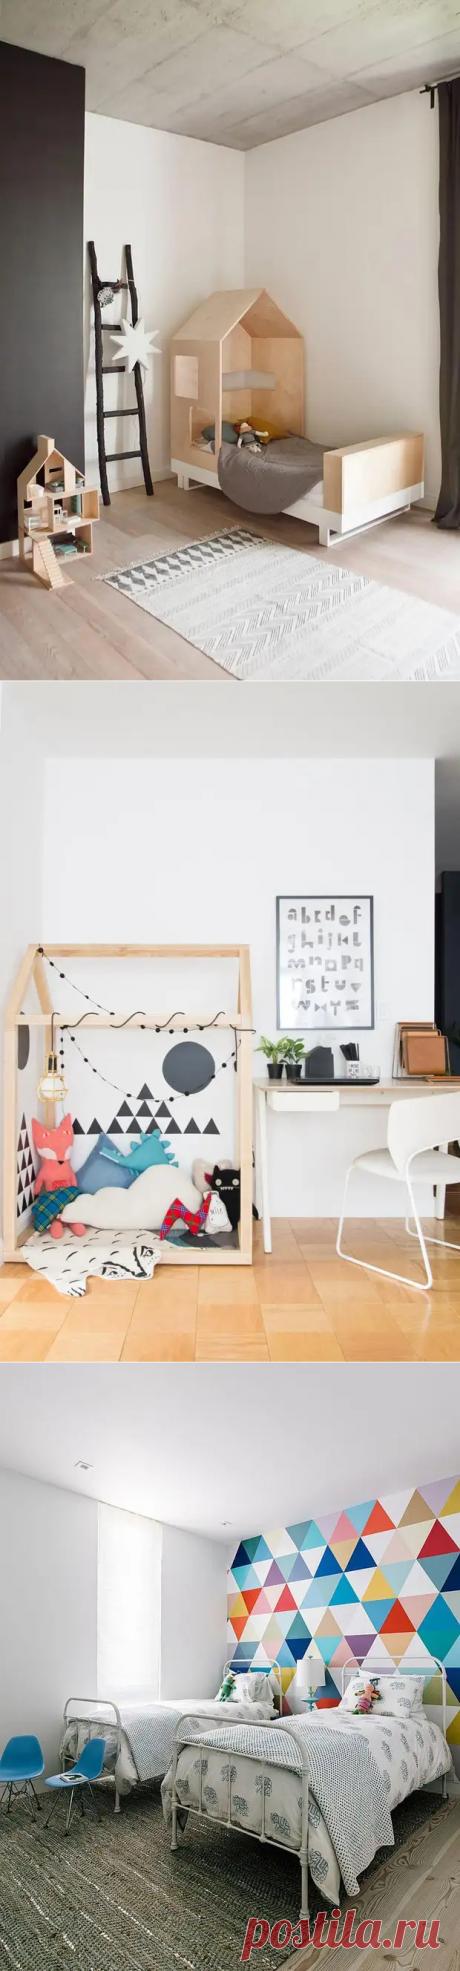 Бюджетная детская комната: как красиво обустроить небольшое помещение (61 фото) - cozyblog - медиаплатформа МирТесен